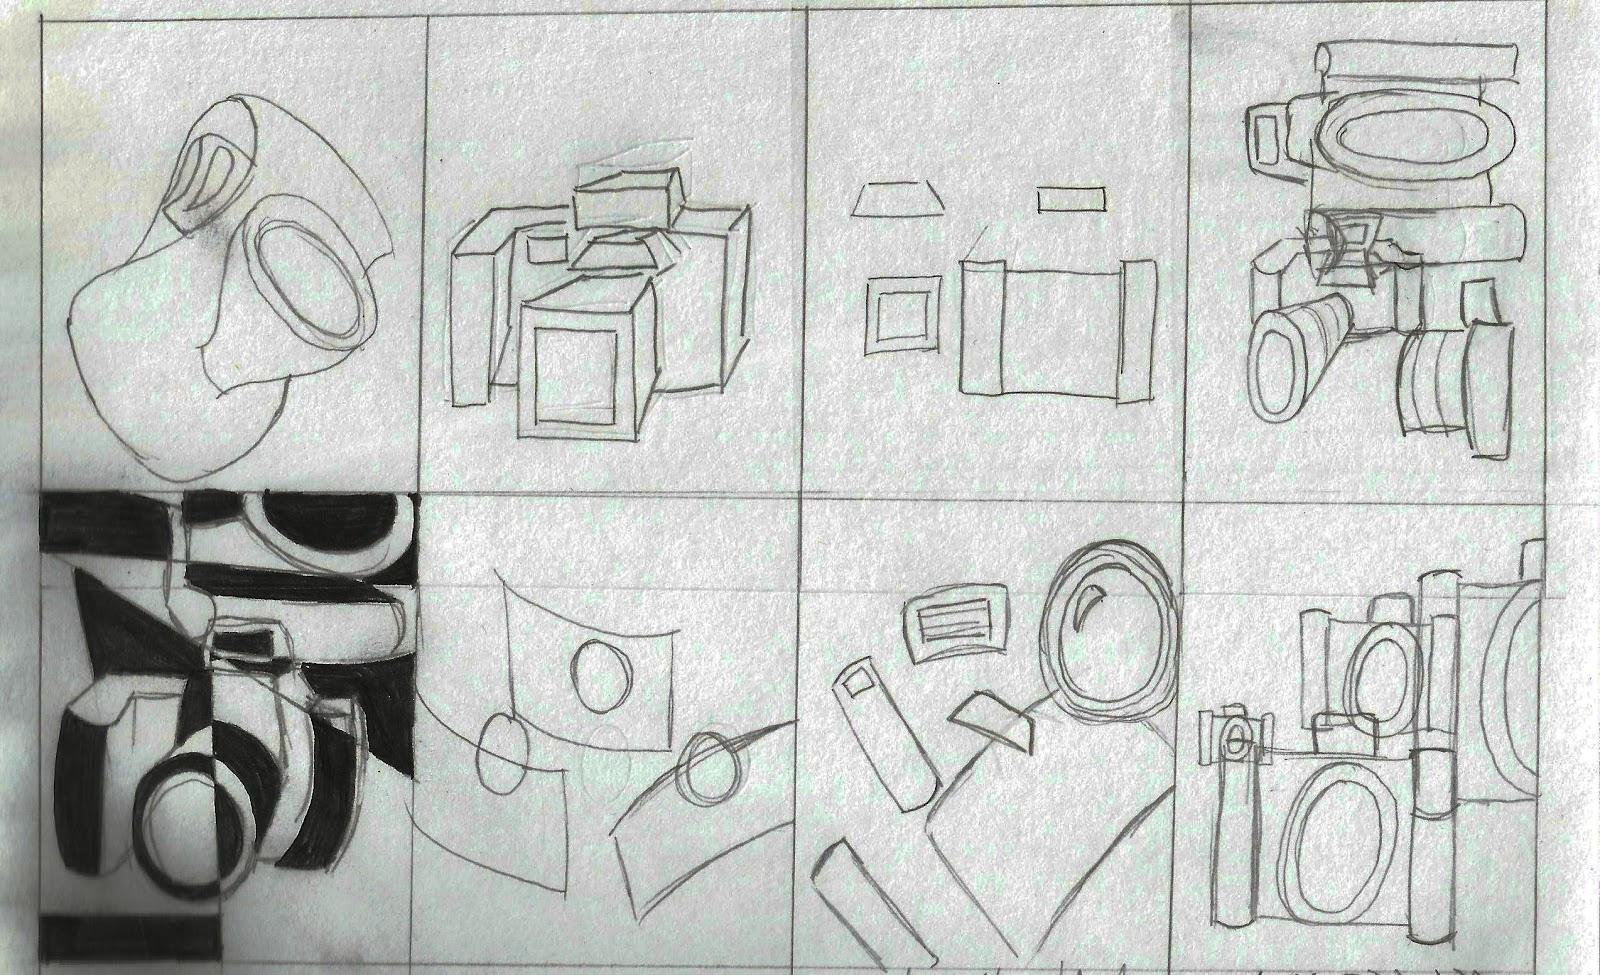 Drawn cubism digital Drawing Visualization of Cubism Blog: